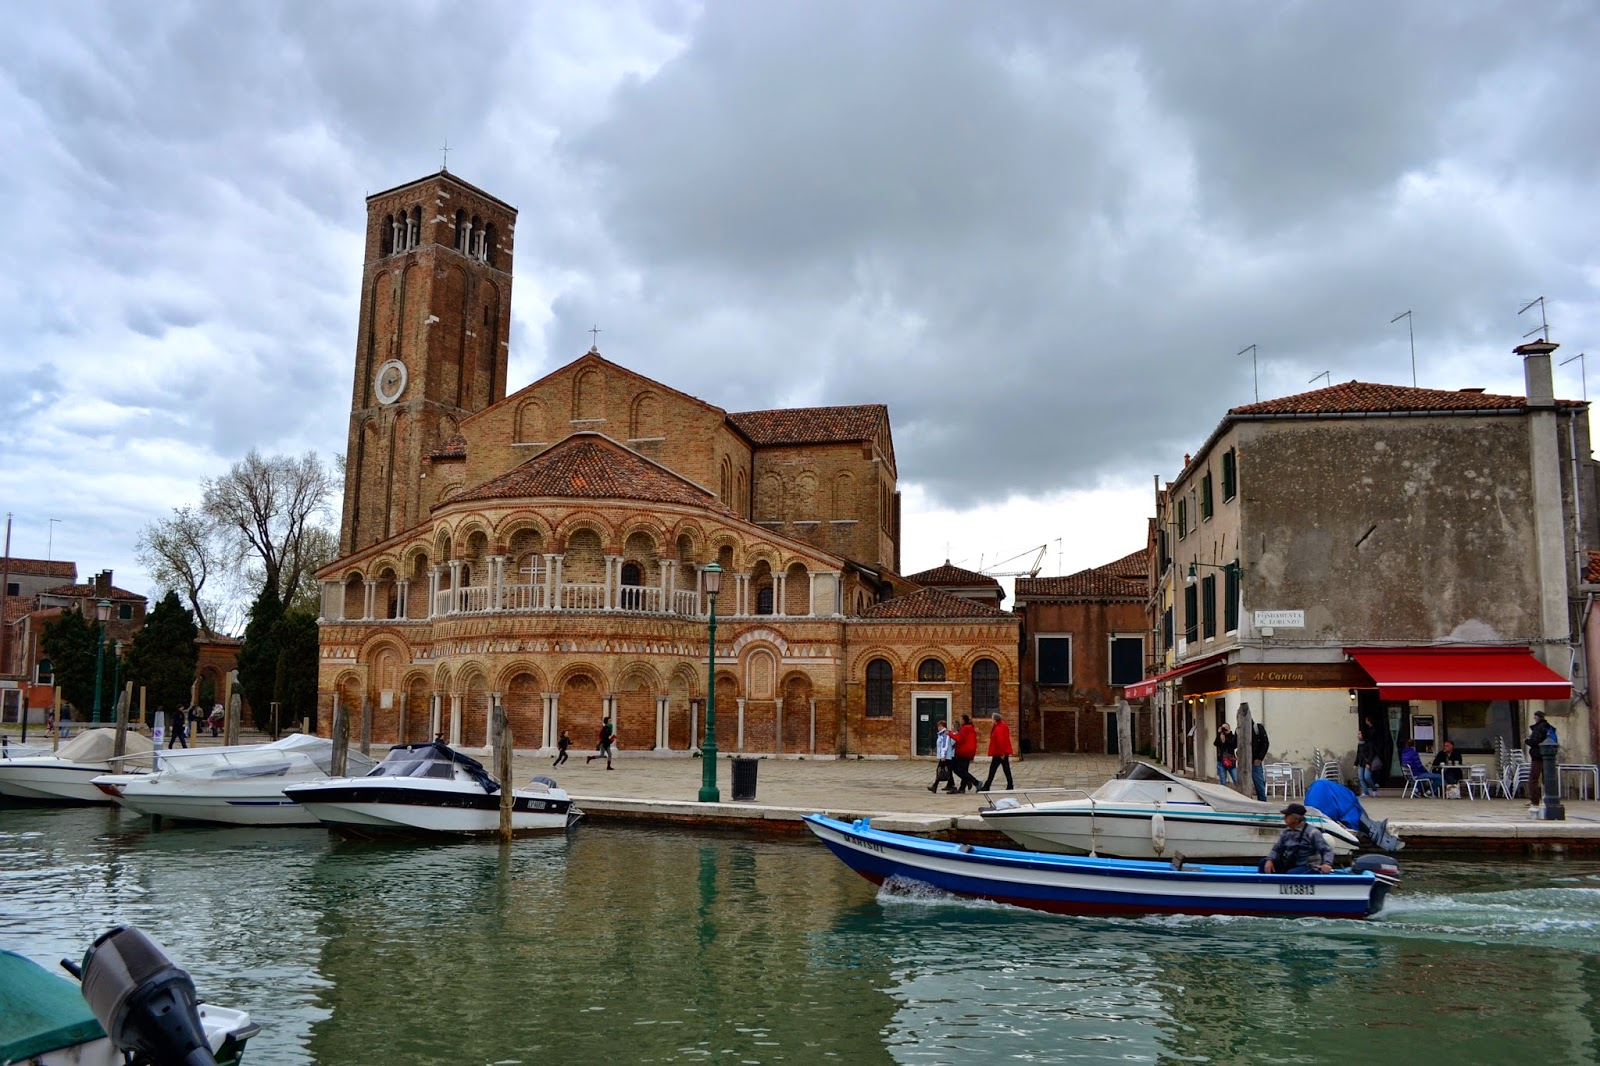 murano venecia italia canal